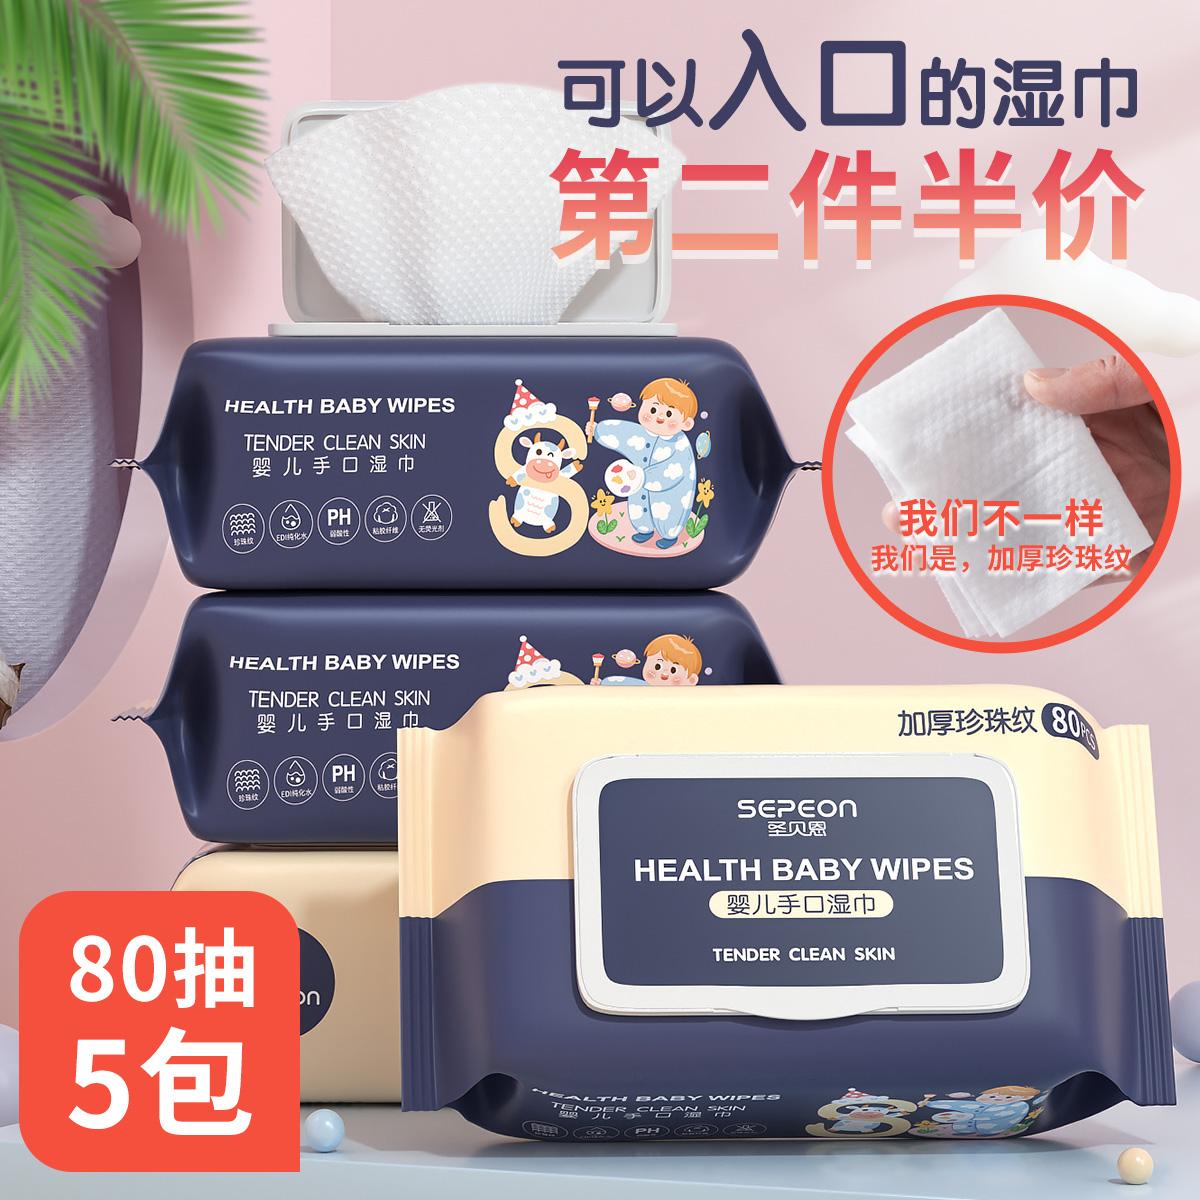 【圣贝恩】新生手口专用湿巾纸80抽5包